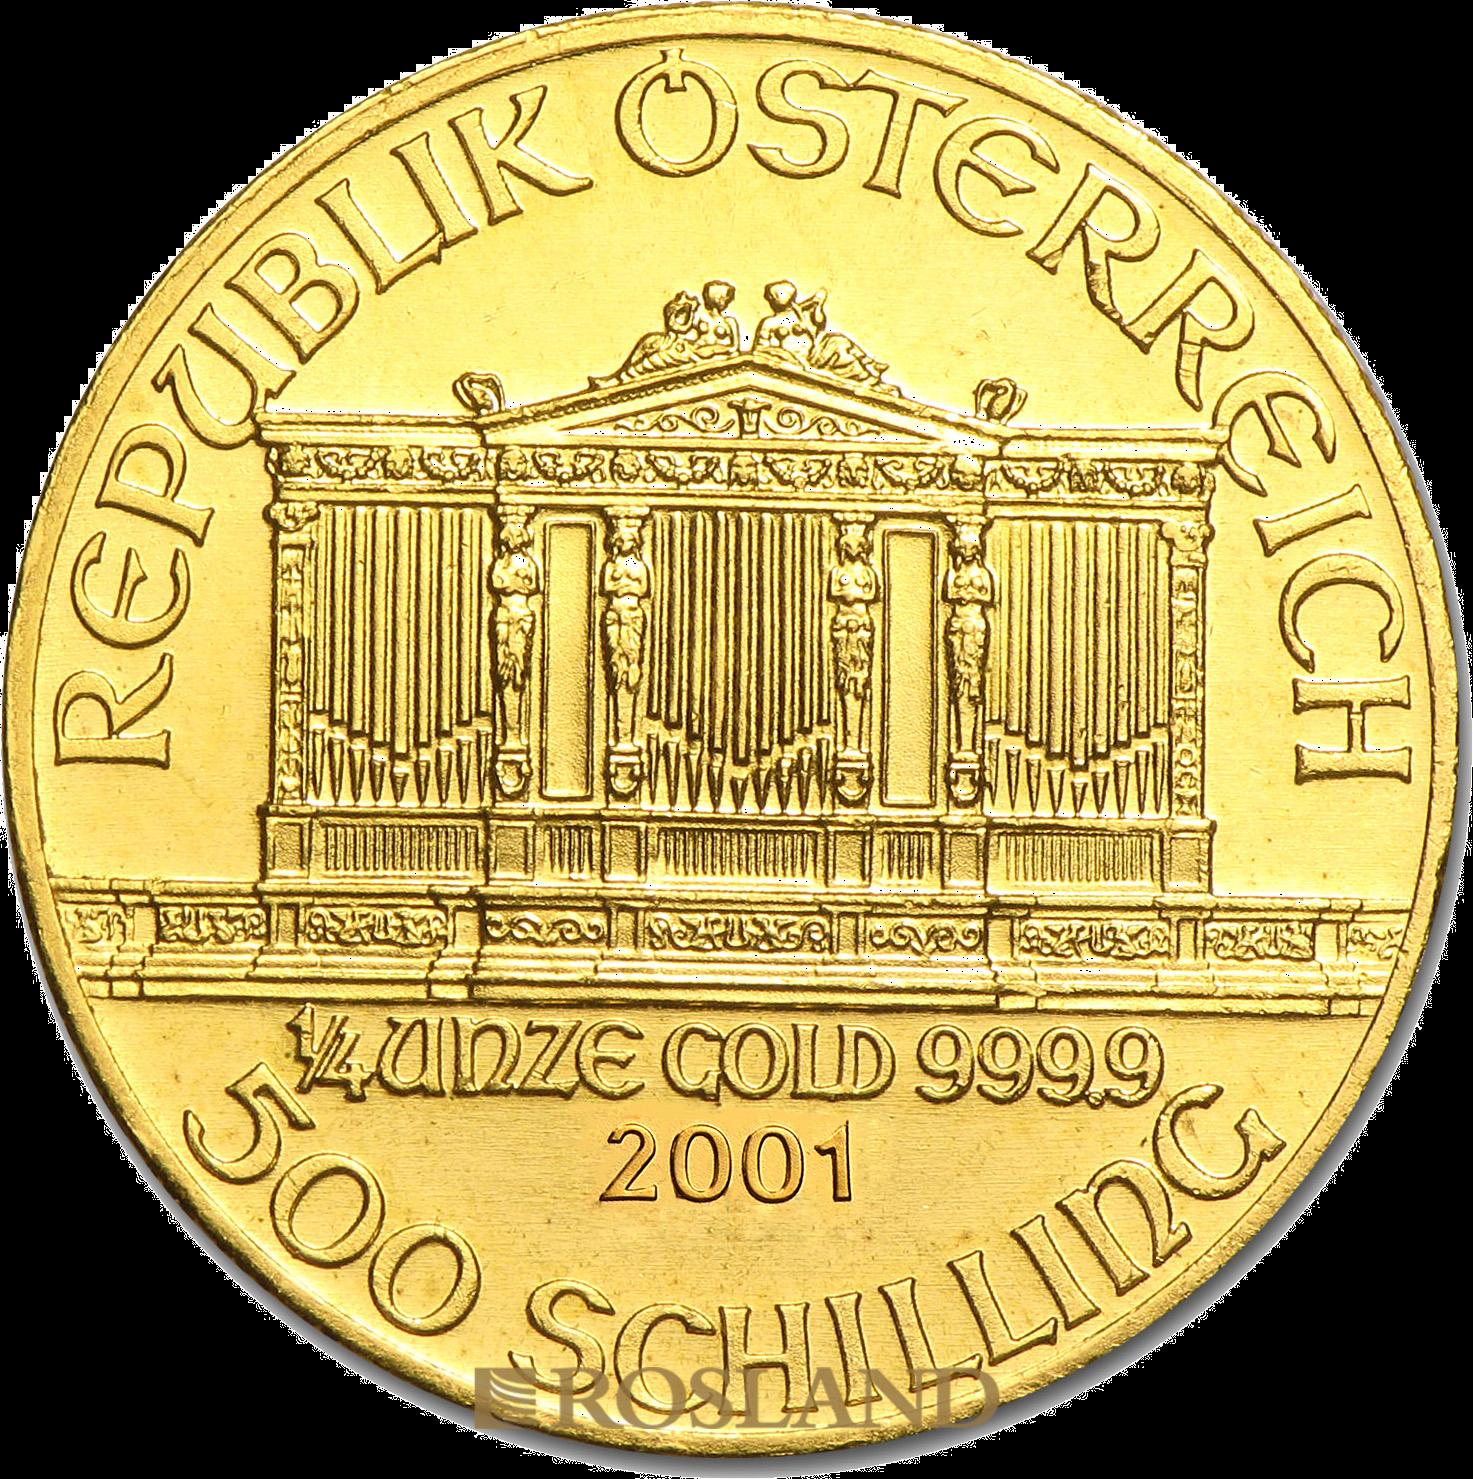 1/4 Unze Goldmünze Wiener Philharmoniker 2001 (Proof-Like)